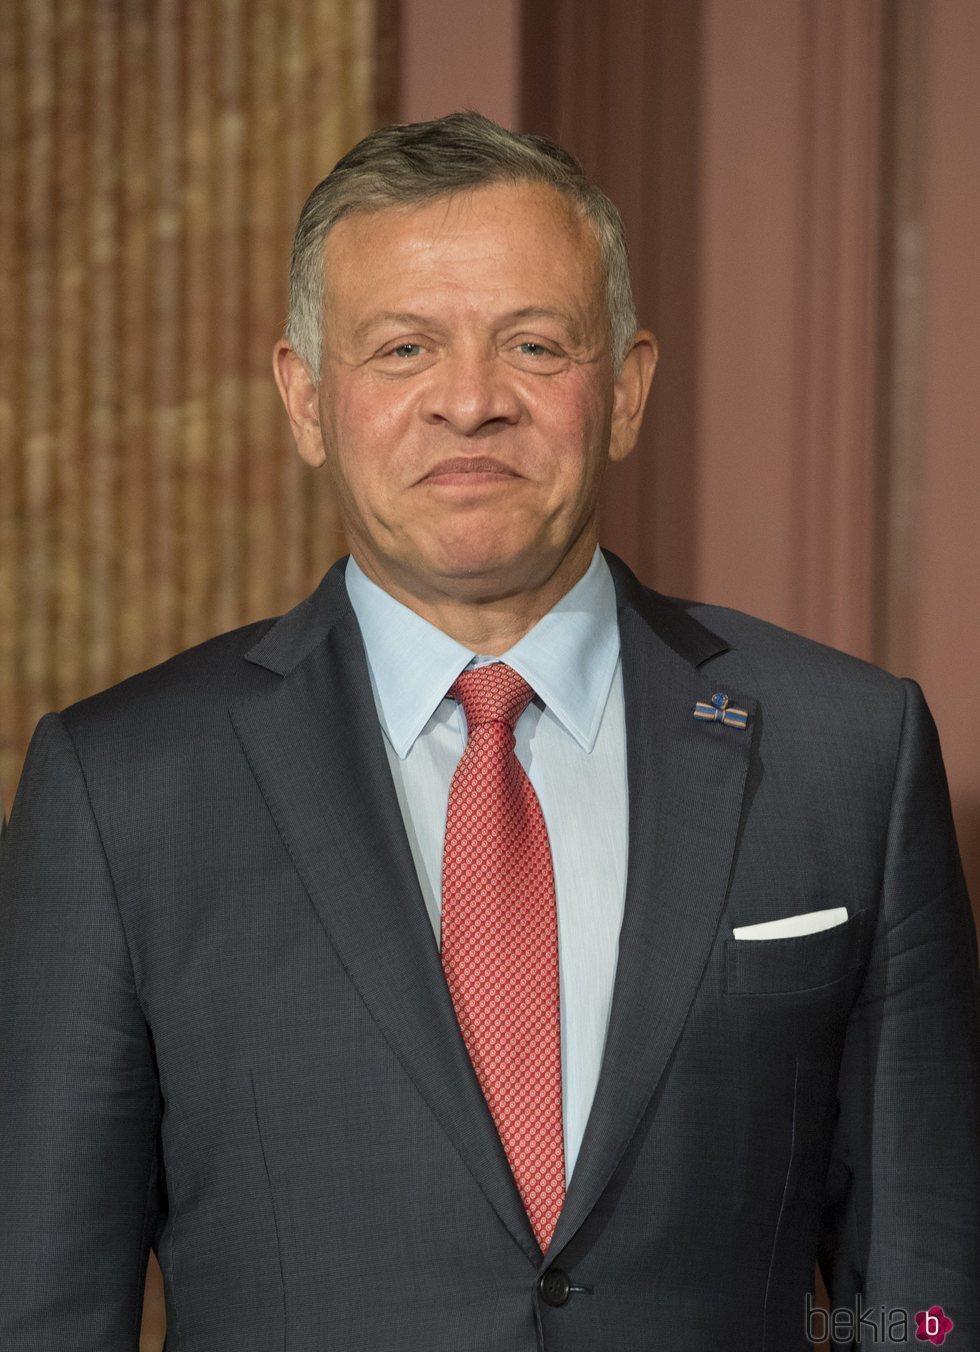 El Rey Abdalá II de Jordania en su visita oficial a los Países Bajos